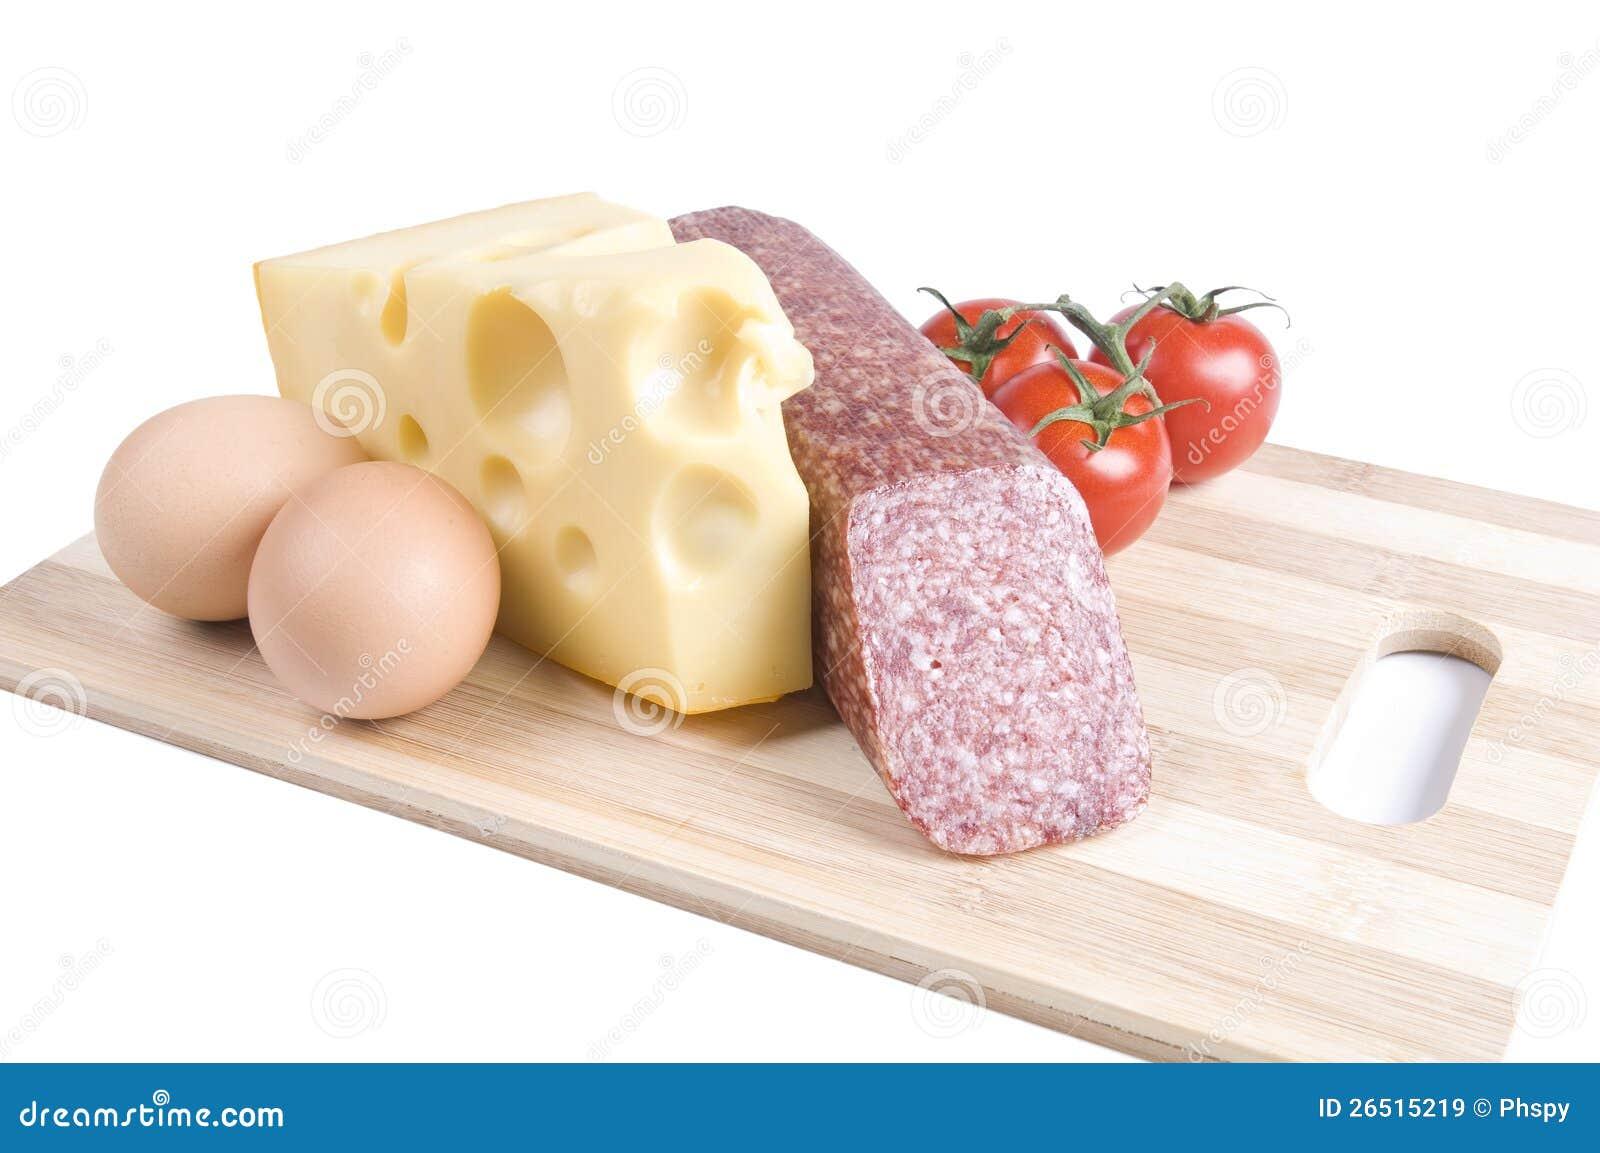 Ovos, queijo, salsicha e tomates em uma placa